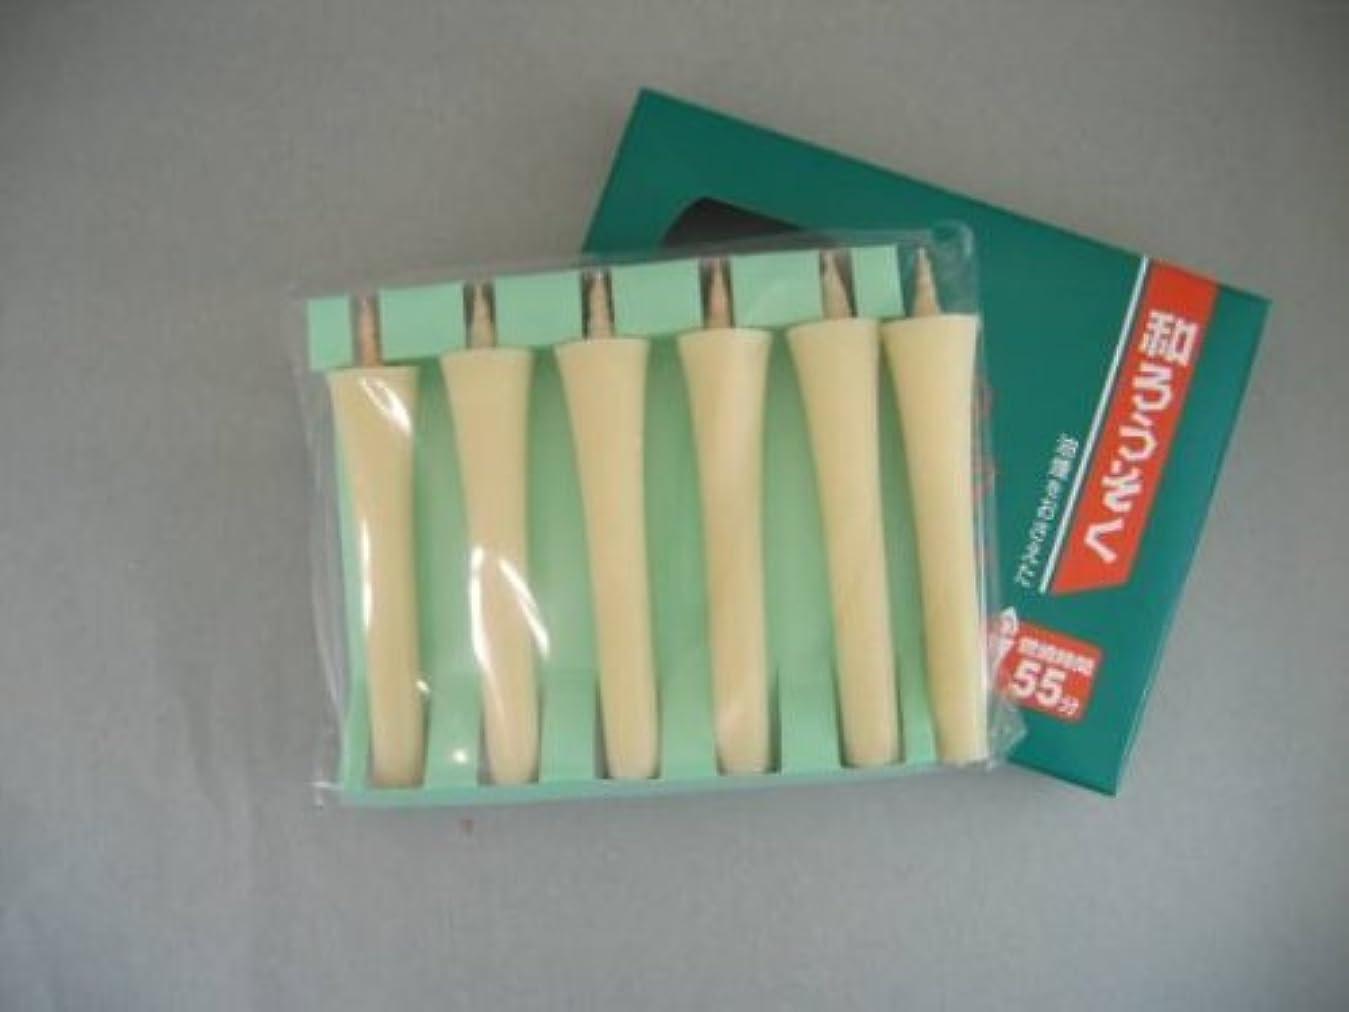 素晴らしい処方うなずく和ろうそく 型和蝋燭 ローソク 2号 イカリタイプ 白 小箱 6本入り